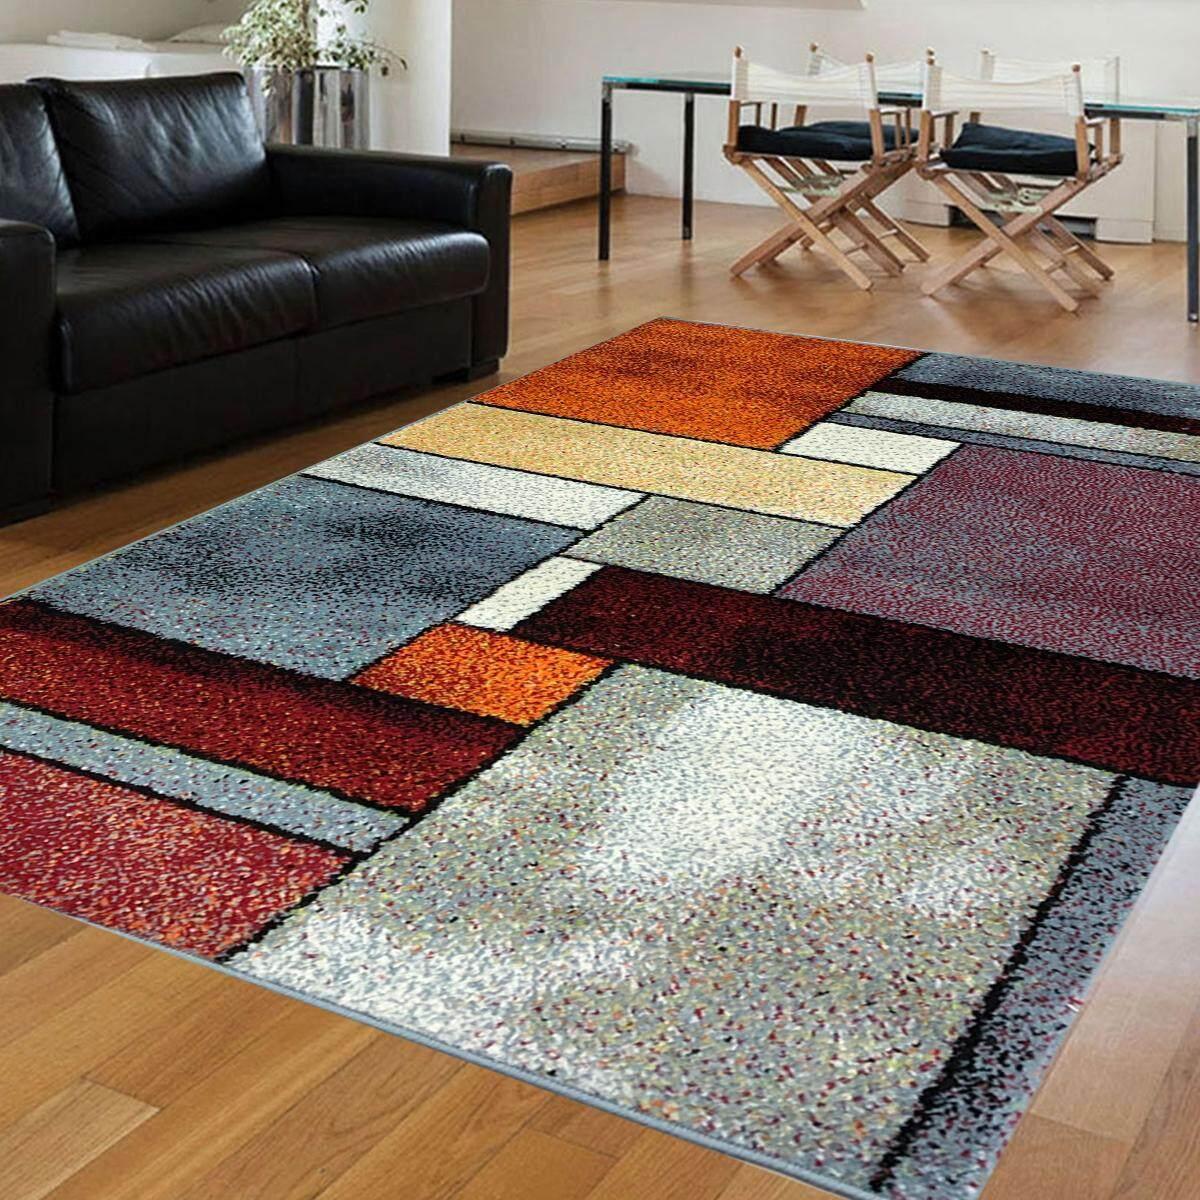 Modern Carpet Da Vinci - Code 1211